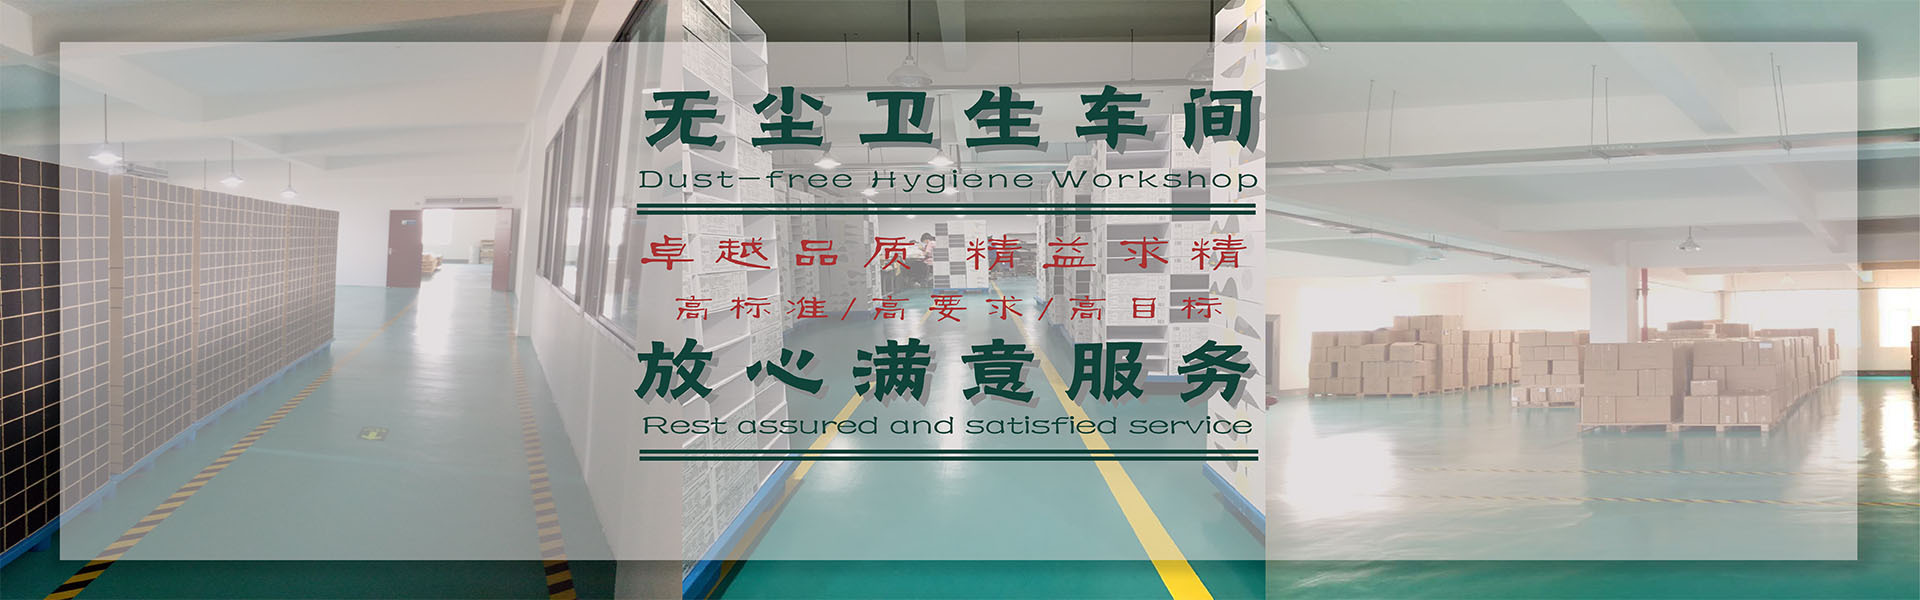 武汉美臣达包装在厂房车间上高标准,高要求,高目标要求在生产蛋糕食品礼盒、烟酒茶叶包装礼盒,保健品礼盒做到无尘卫生间。